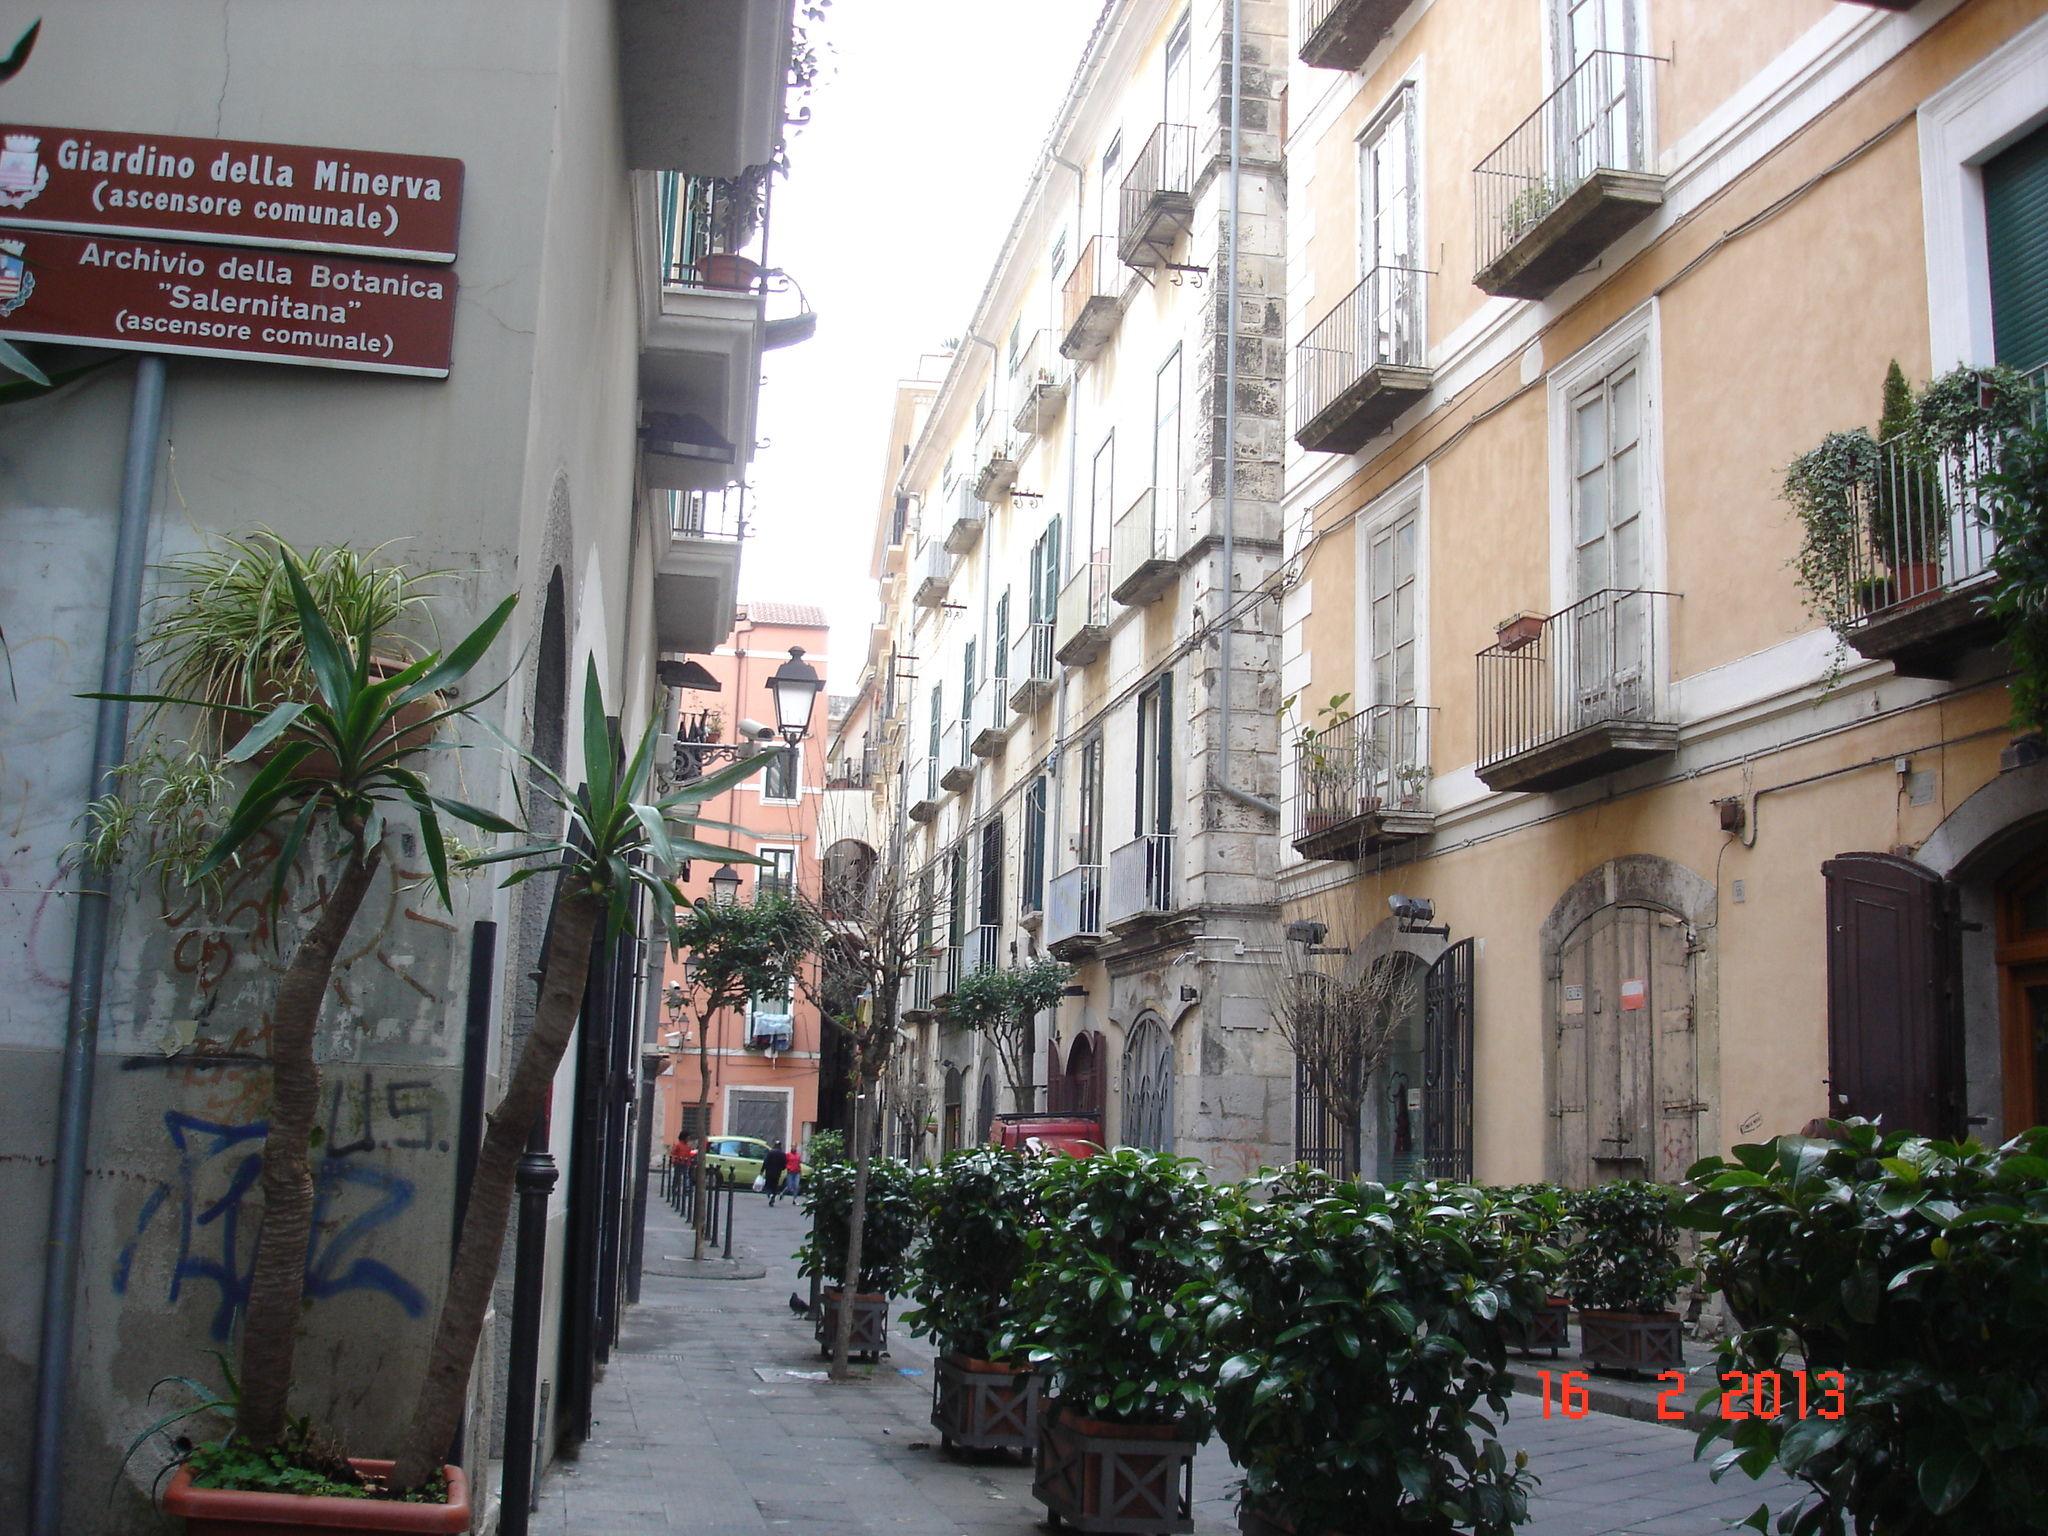 Une rue de salerne